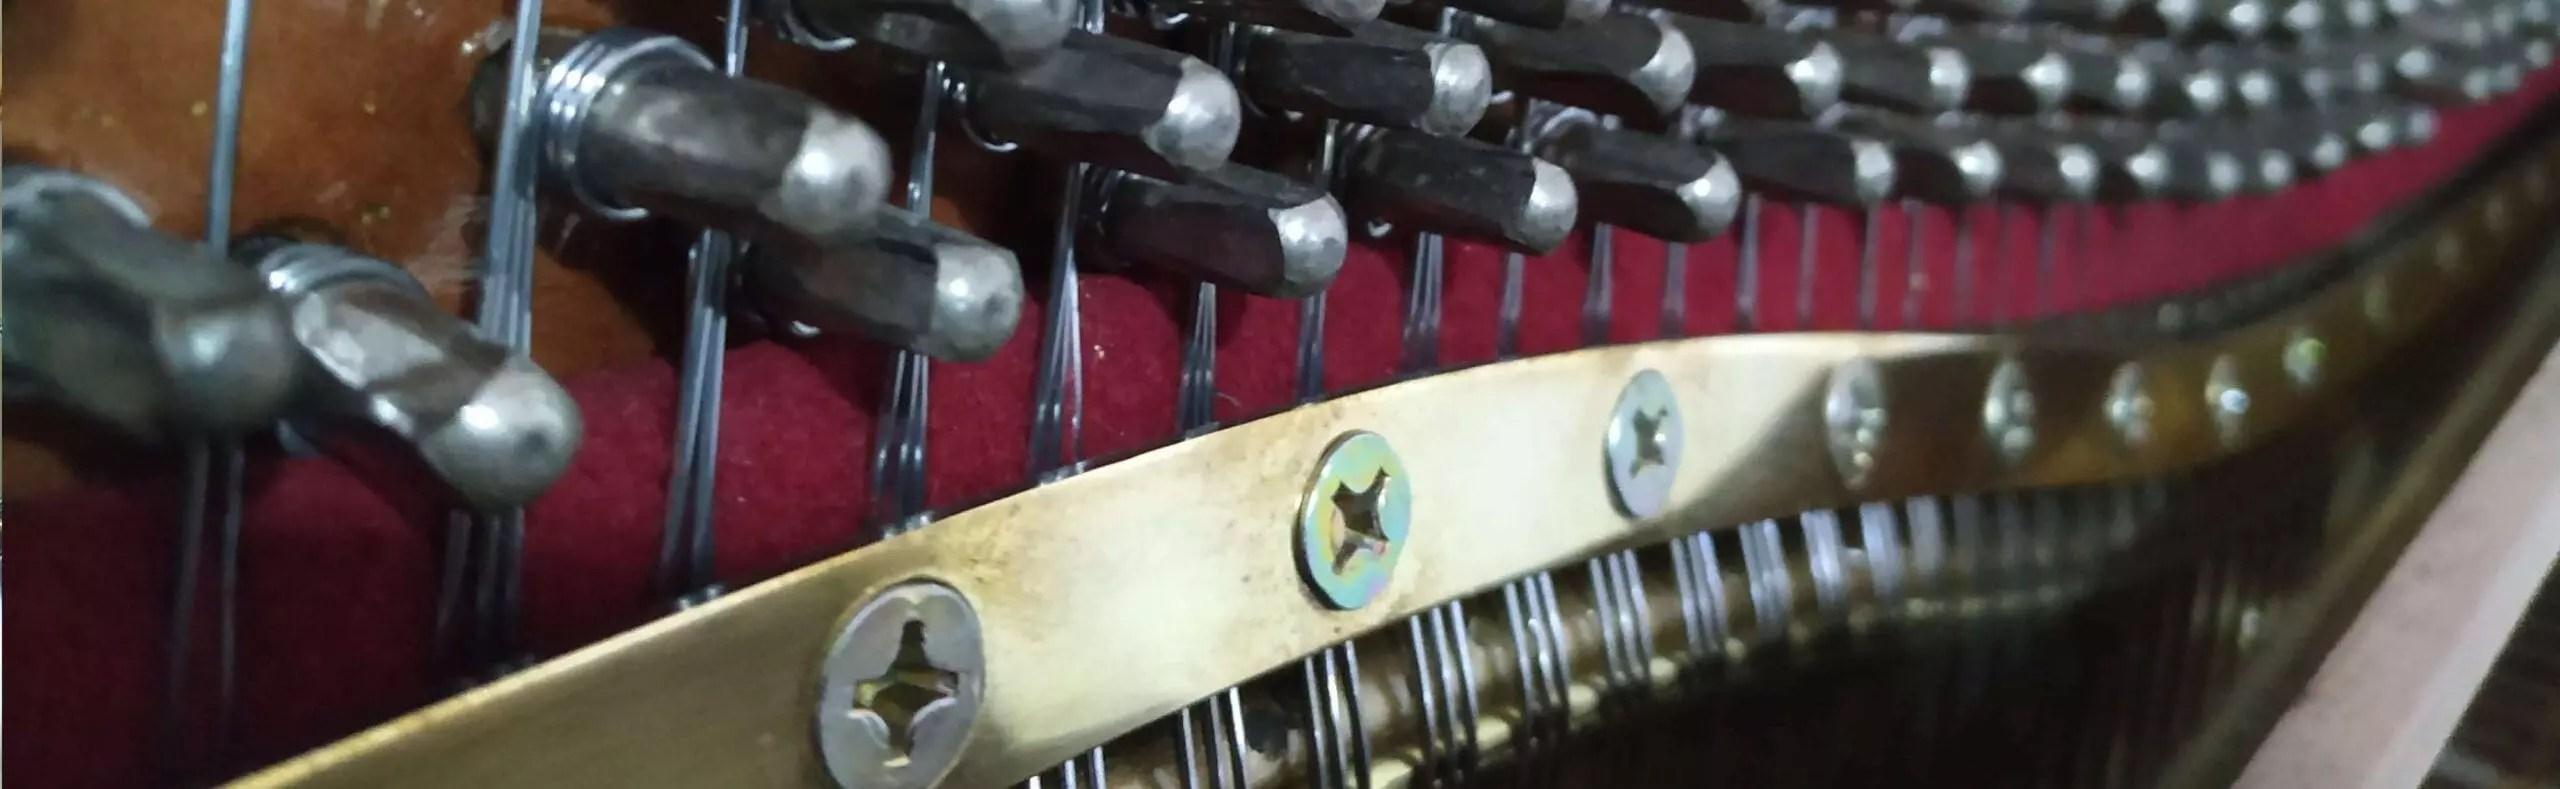 afinação de pianos header